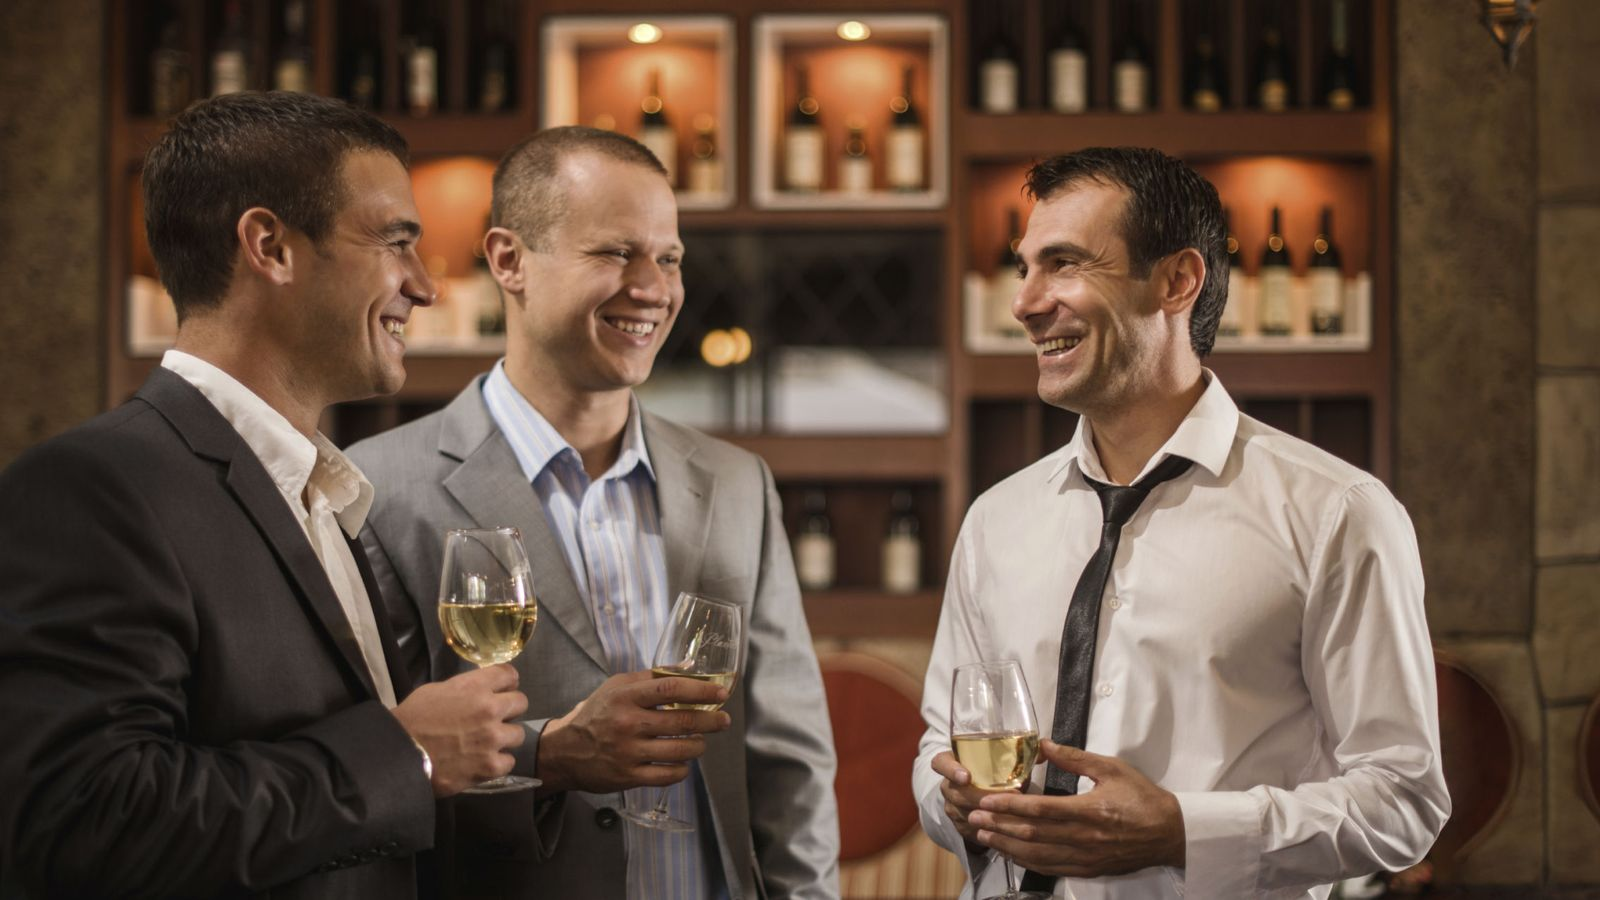 Foto: Crear relaciones sociales cuanto antes es fundamental para triunfar en tu nuevo trabajo. (iStock)